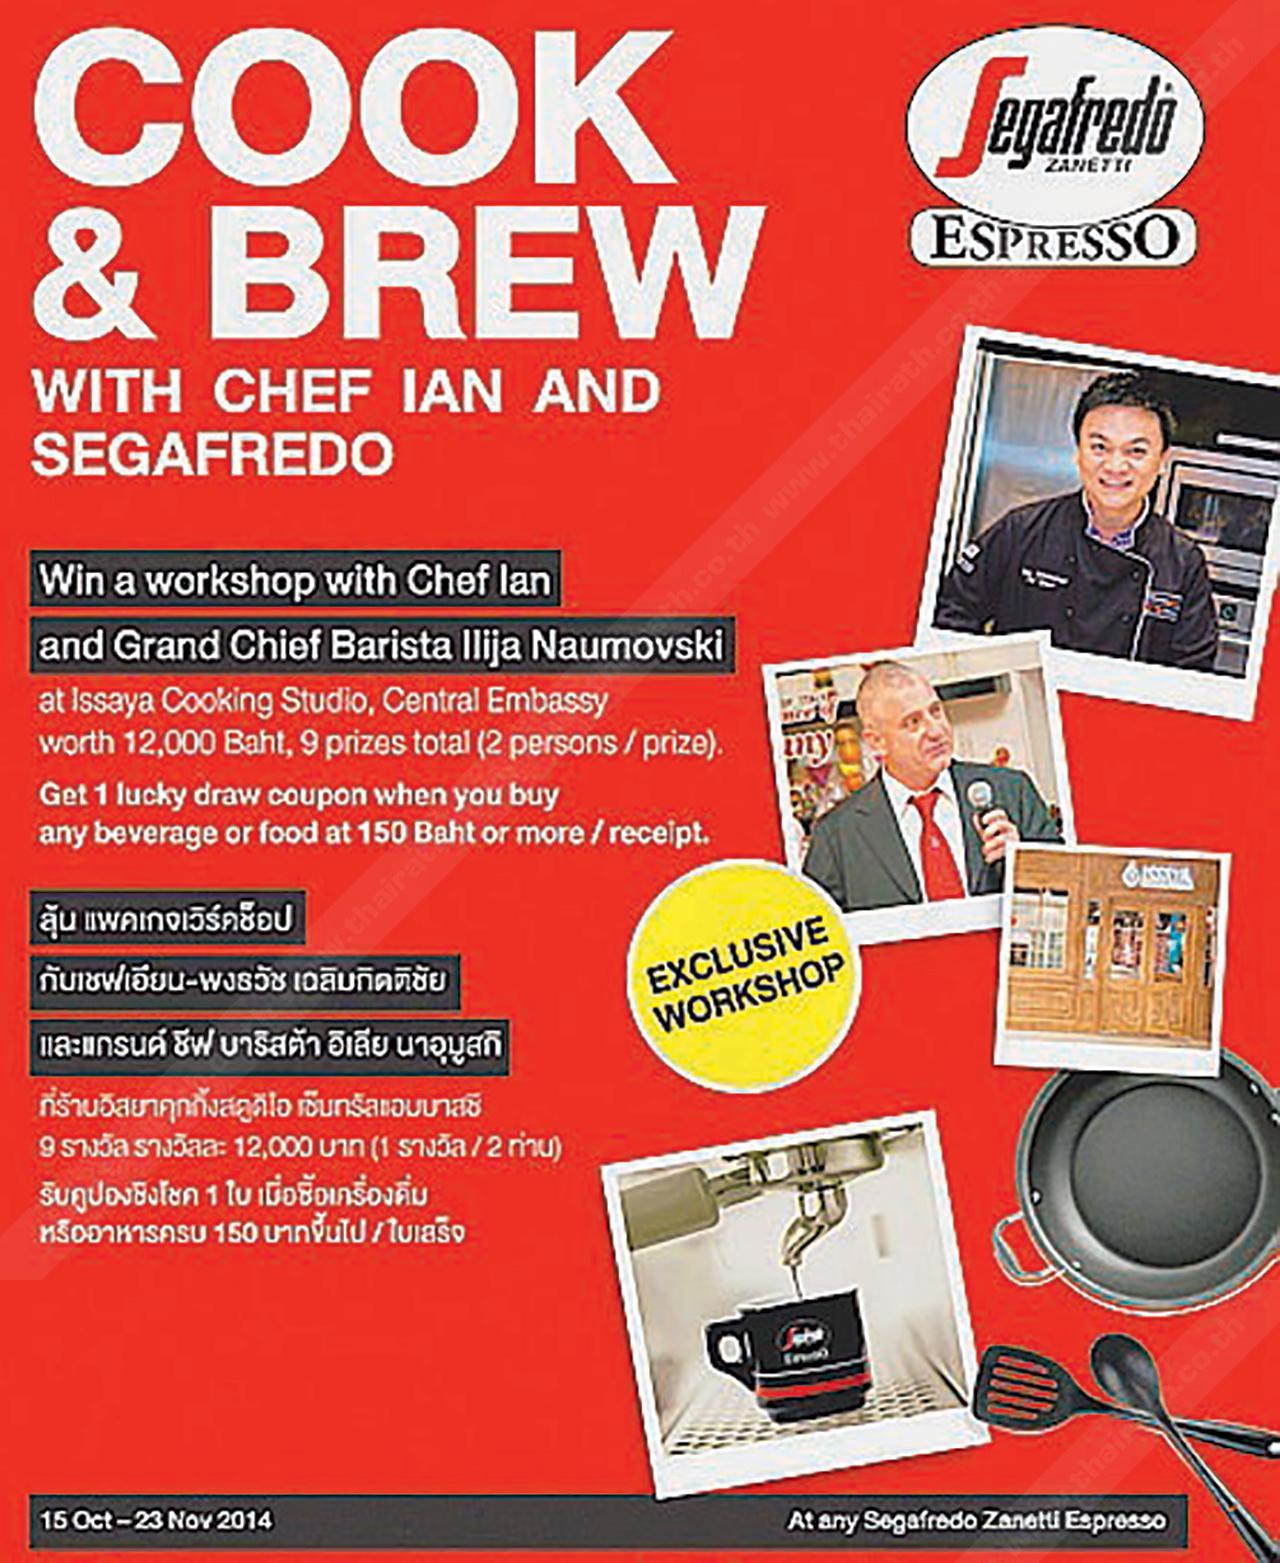 """เวิร์กช็อป """"Cook & Brew with Chef Ian and Segafredo""""ครั้งแรกกับ เชฟเอียน-พงษ์ธวัช เฉลิมกิตติชัย"""